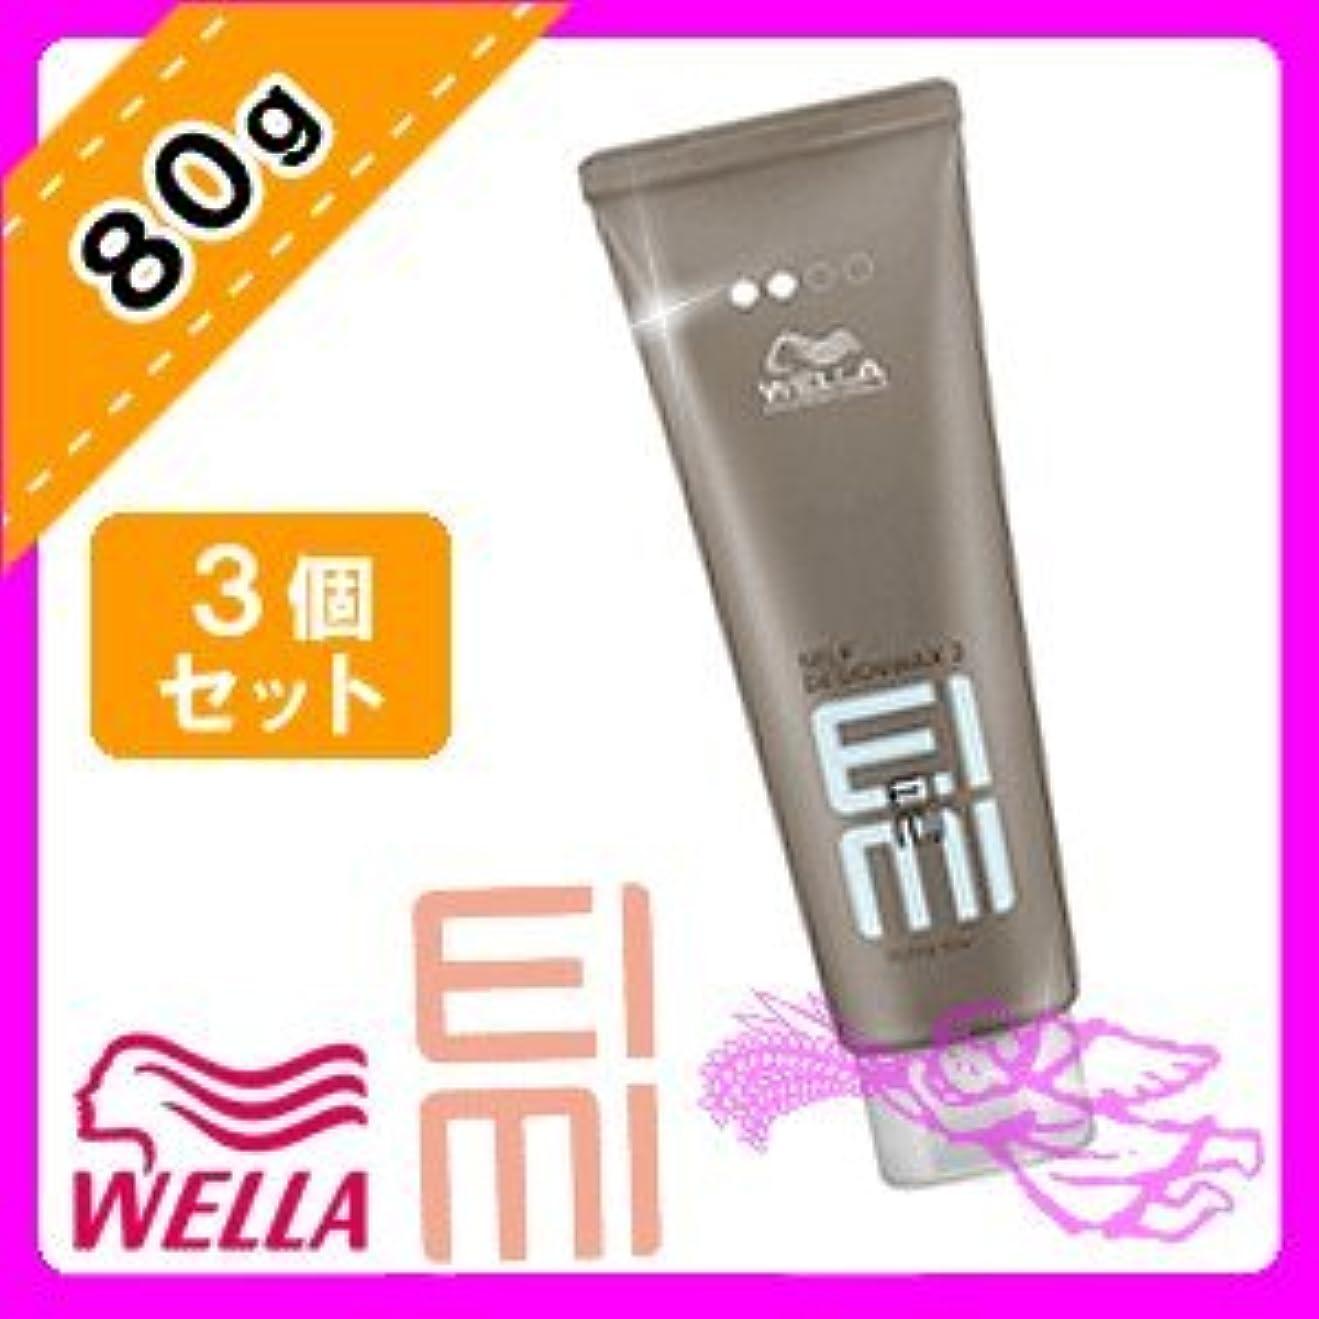 食器棚成長するキャラクターウエラ EIMI(アイミィ) セルフデザインワックス2 80g ×3個 セット WELLA P&G